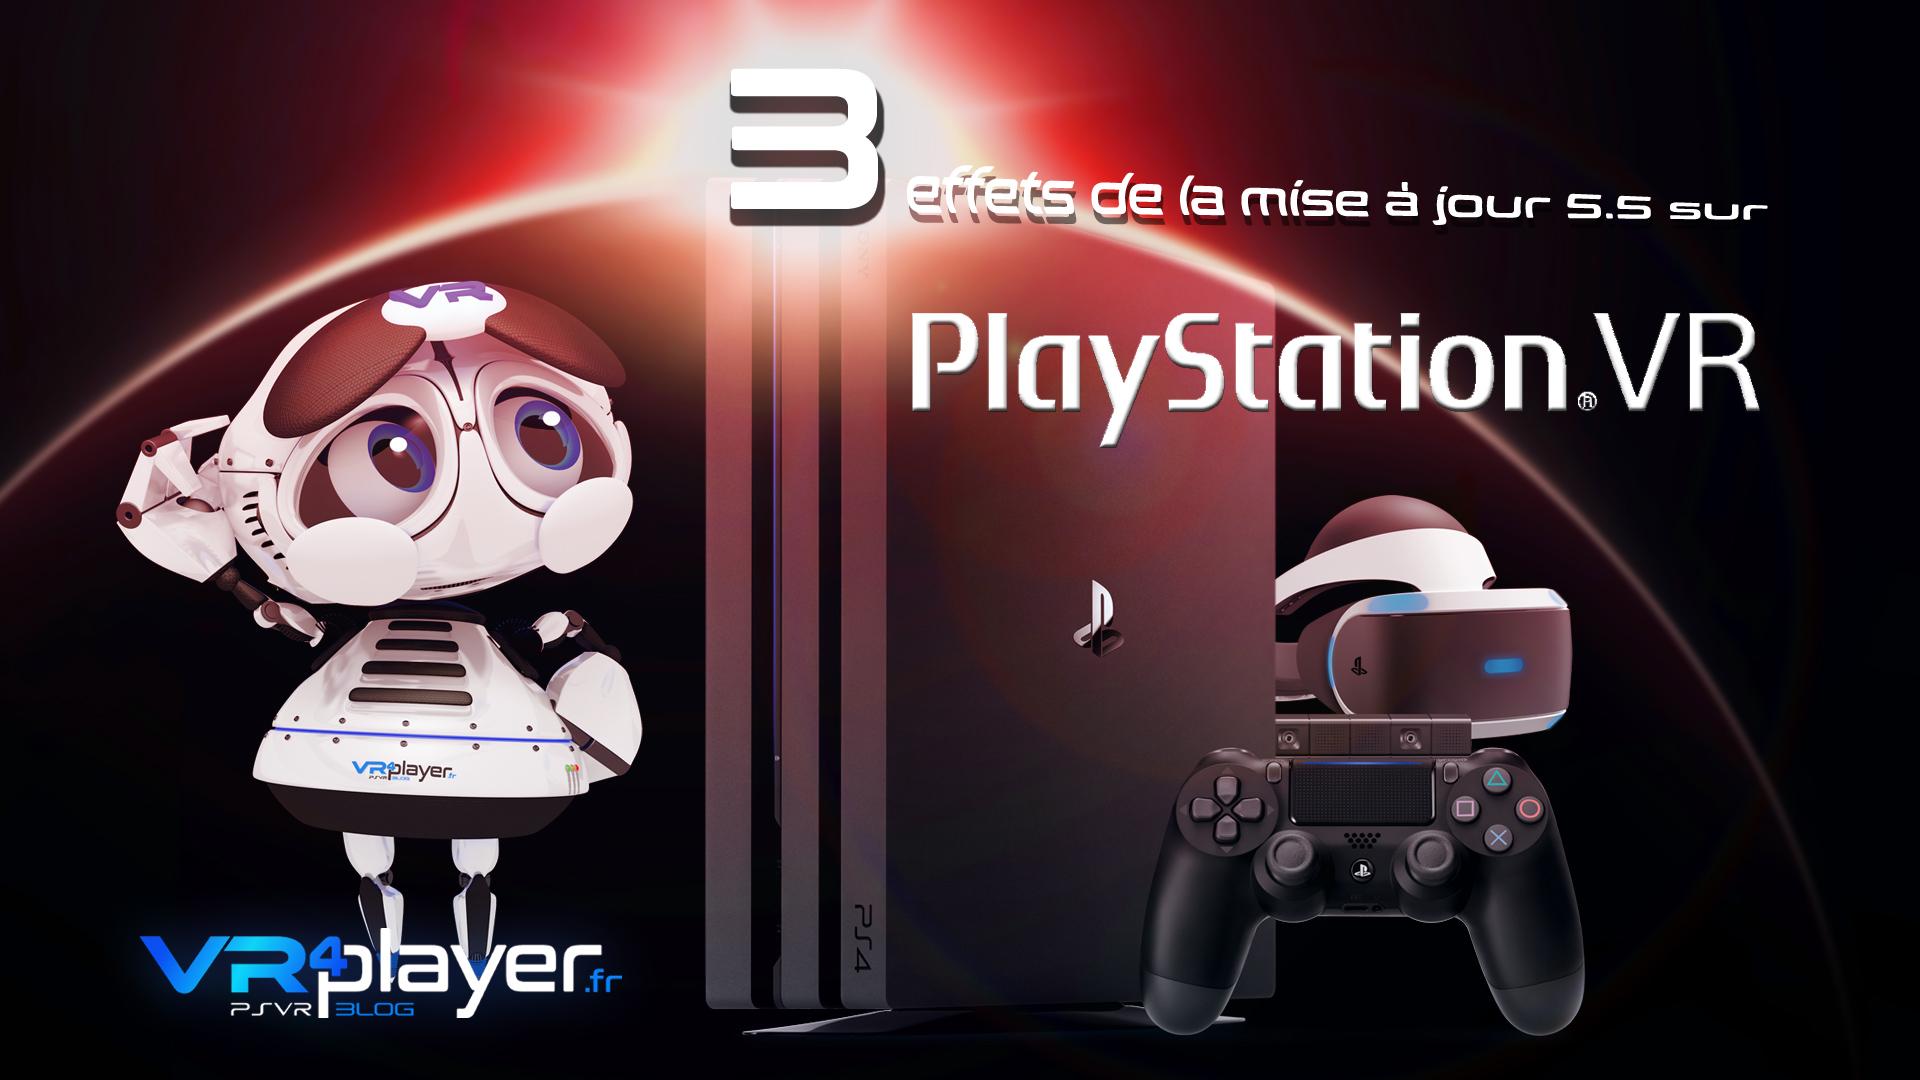 La mise à jour 5.5 de la PS4 : 3 ajouts sur PSVR vrplayer.fr